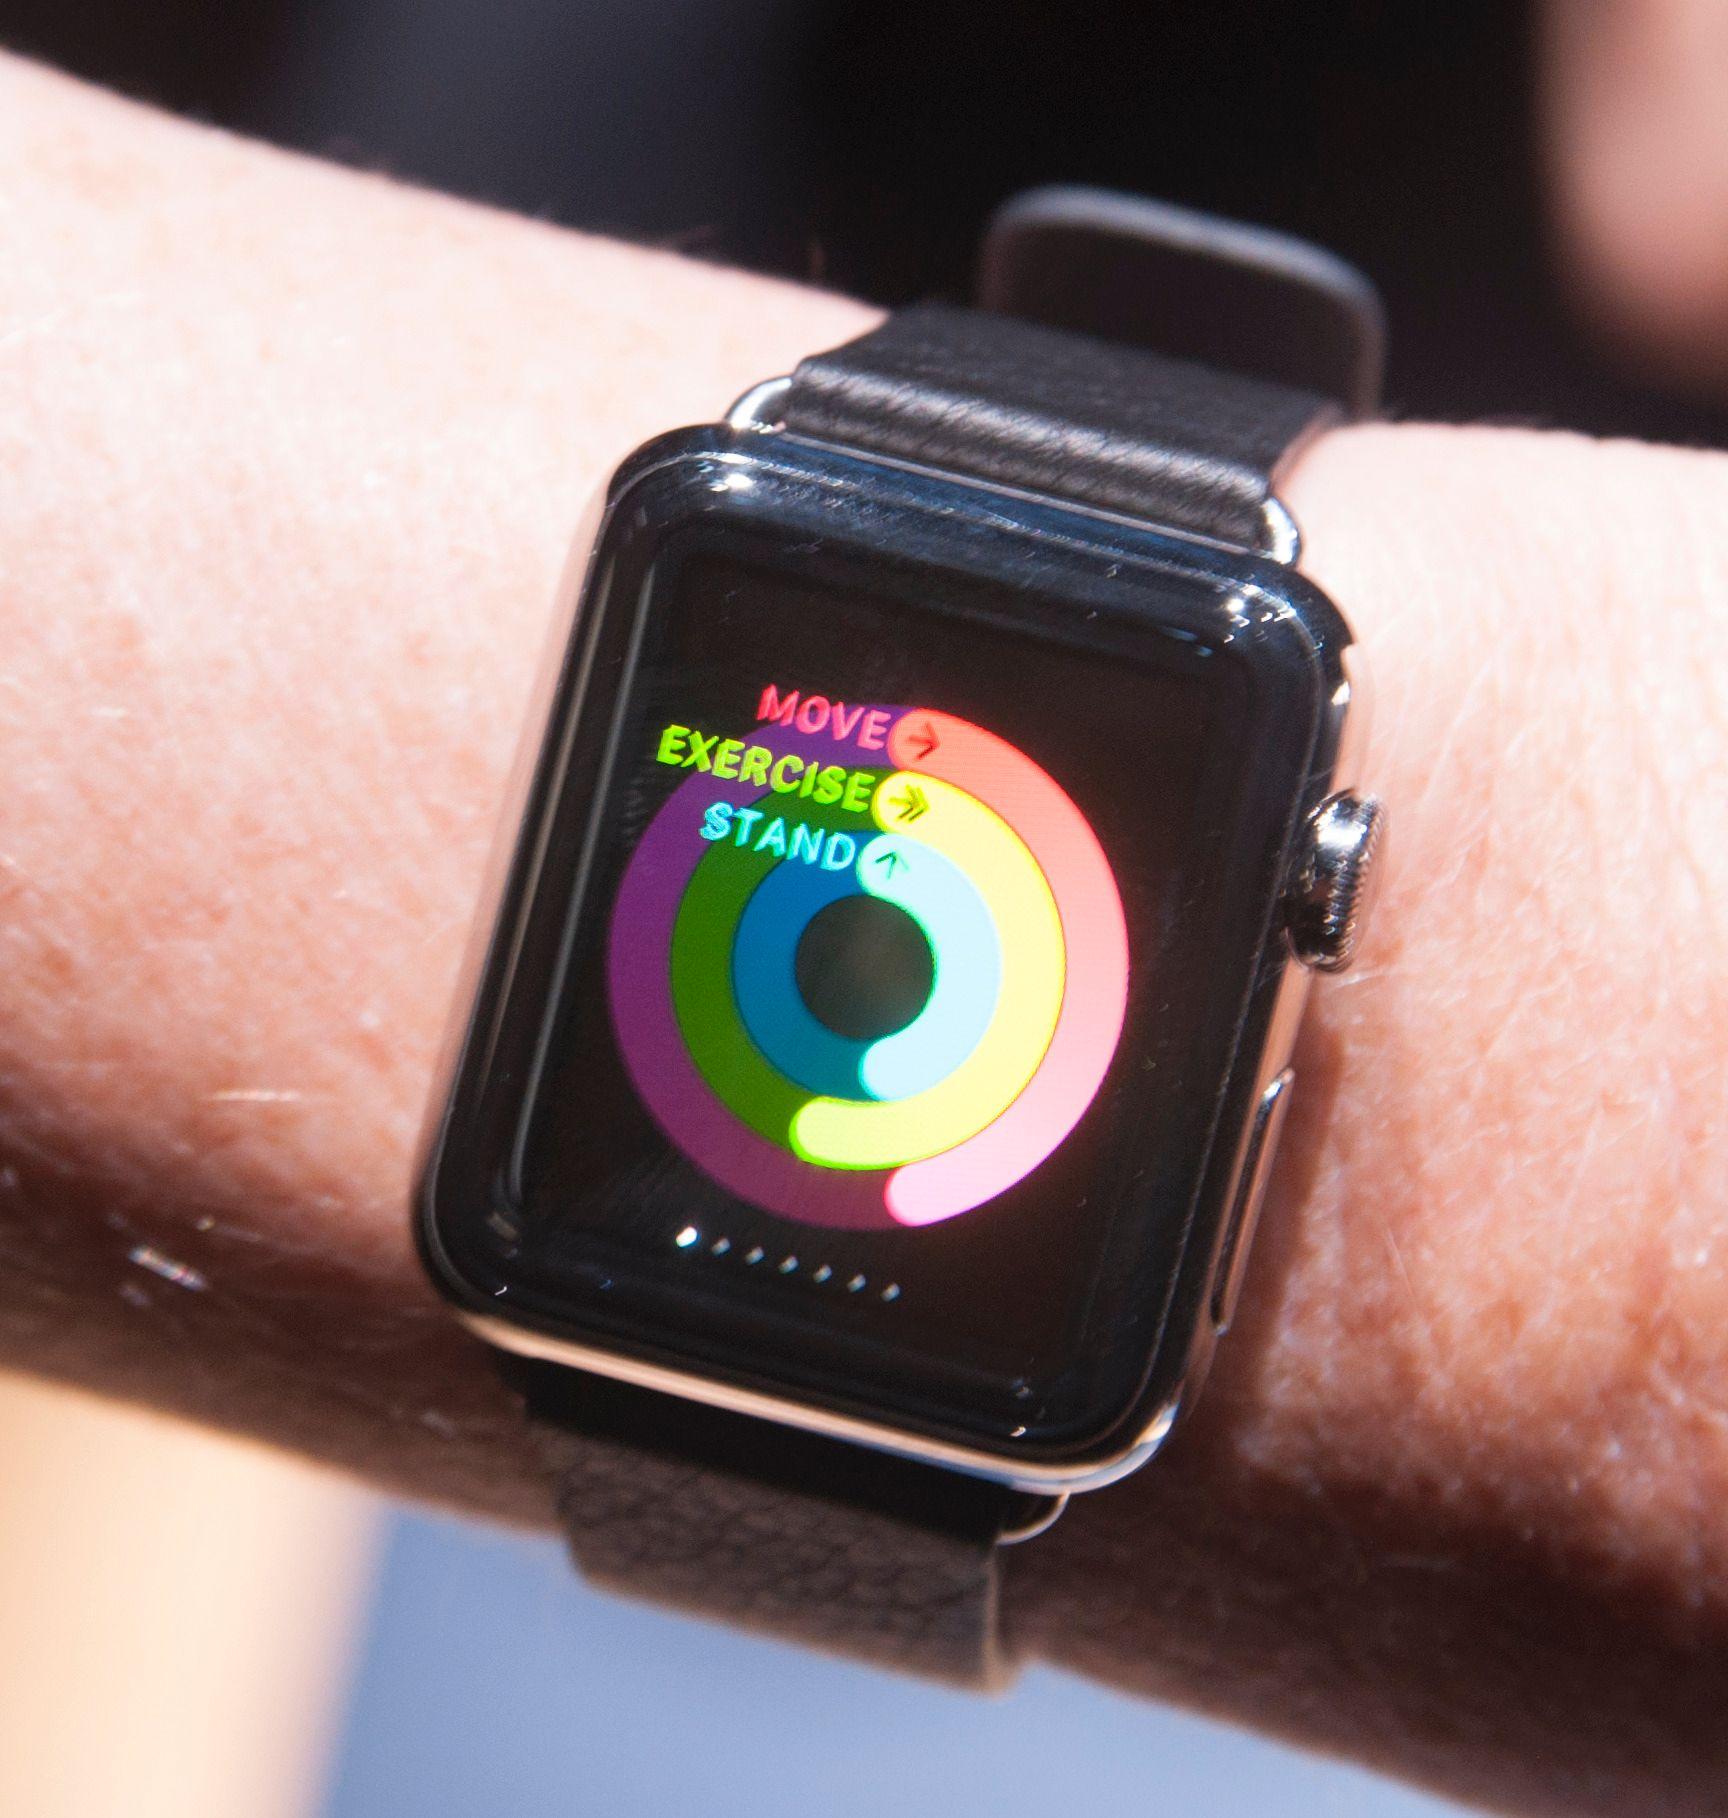 Apples treningsapp gir deg mål du må holde, som for eksempel at du må stå oppreist minst ett minutt hver time.Foto: Finn Jarle Kvalheim, Amobil.no